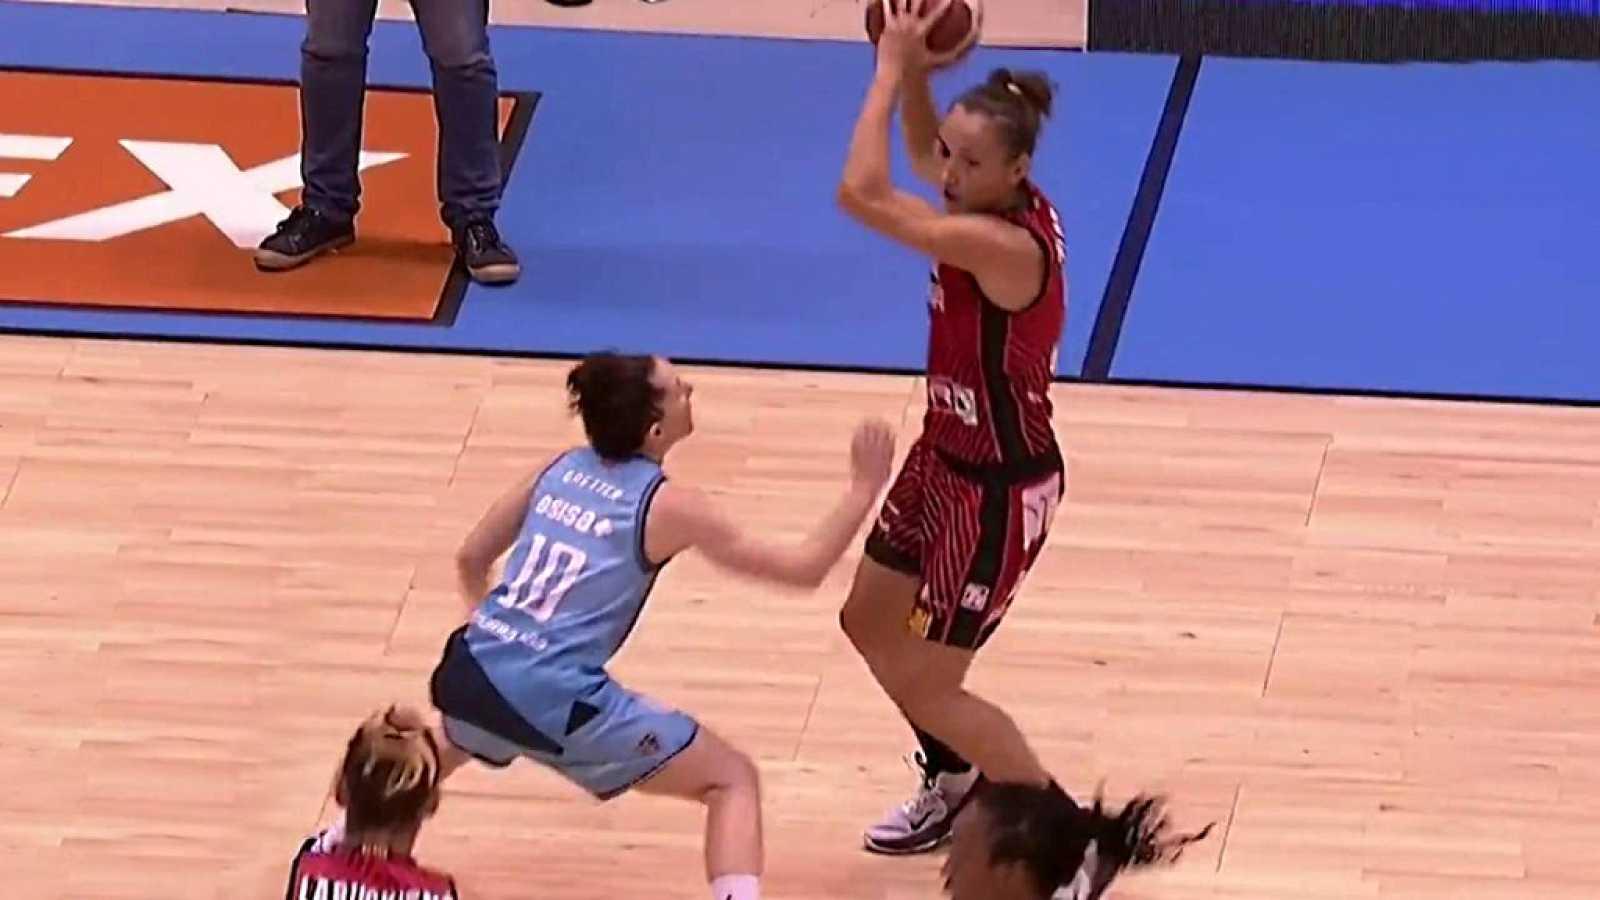 Baloncesto - Liga femenina Endesa 1ª jornada: Spar Girona - Movistar Estudiantes. Desde Girona - ver ahora